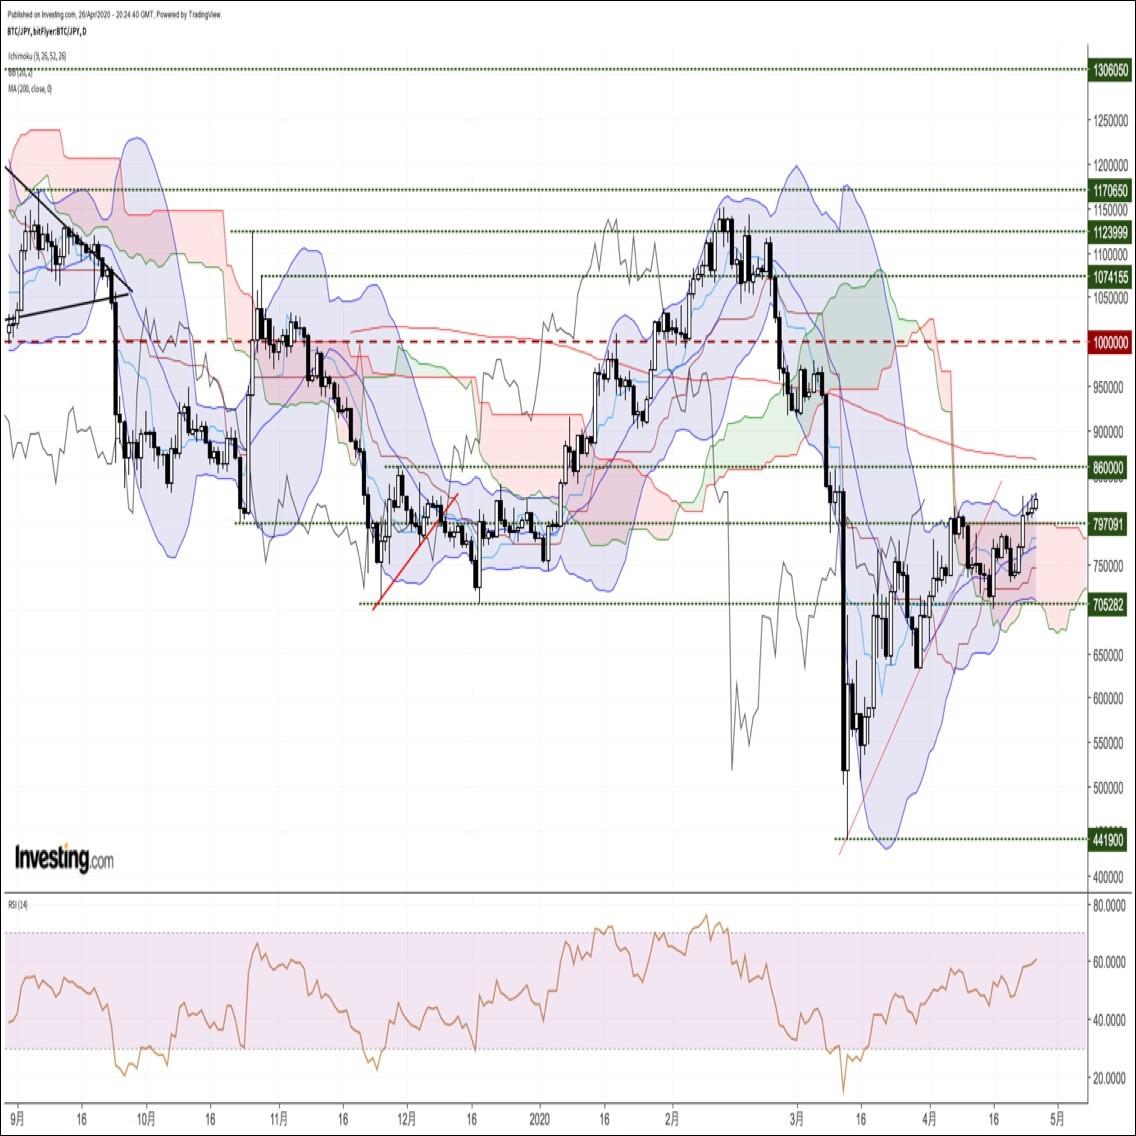 ビットコイン円、日米金融政策イベントを前に約1ヶ月半ぶり高値圏へ上昇(4/27朝)